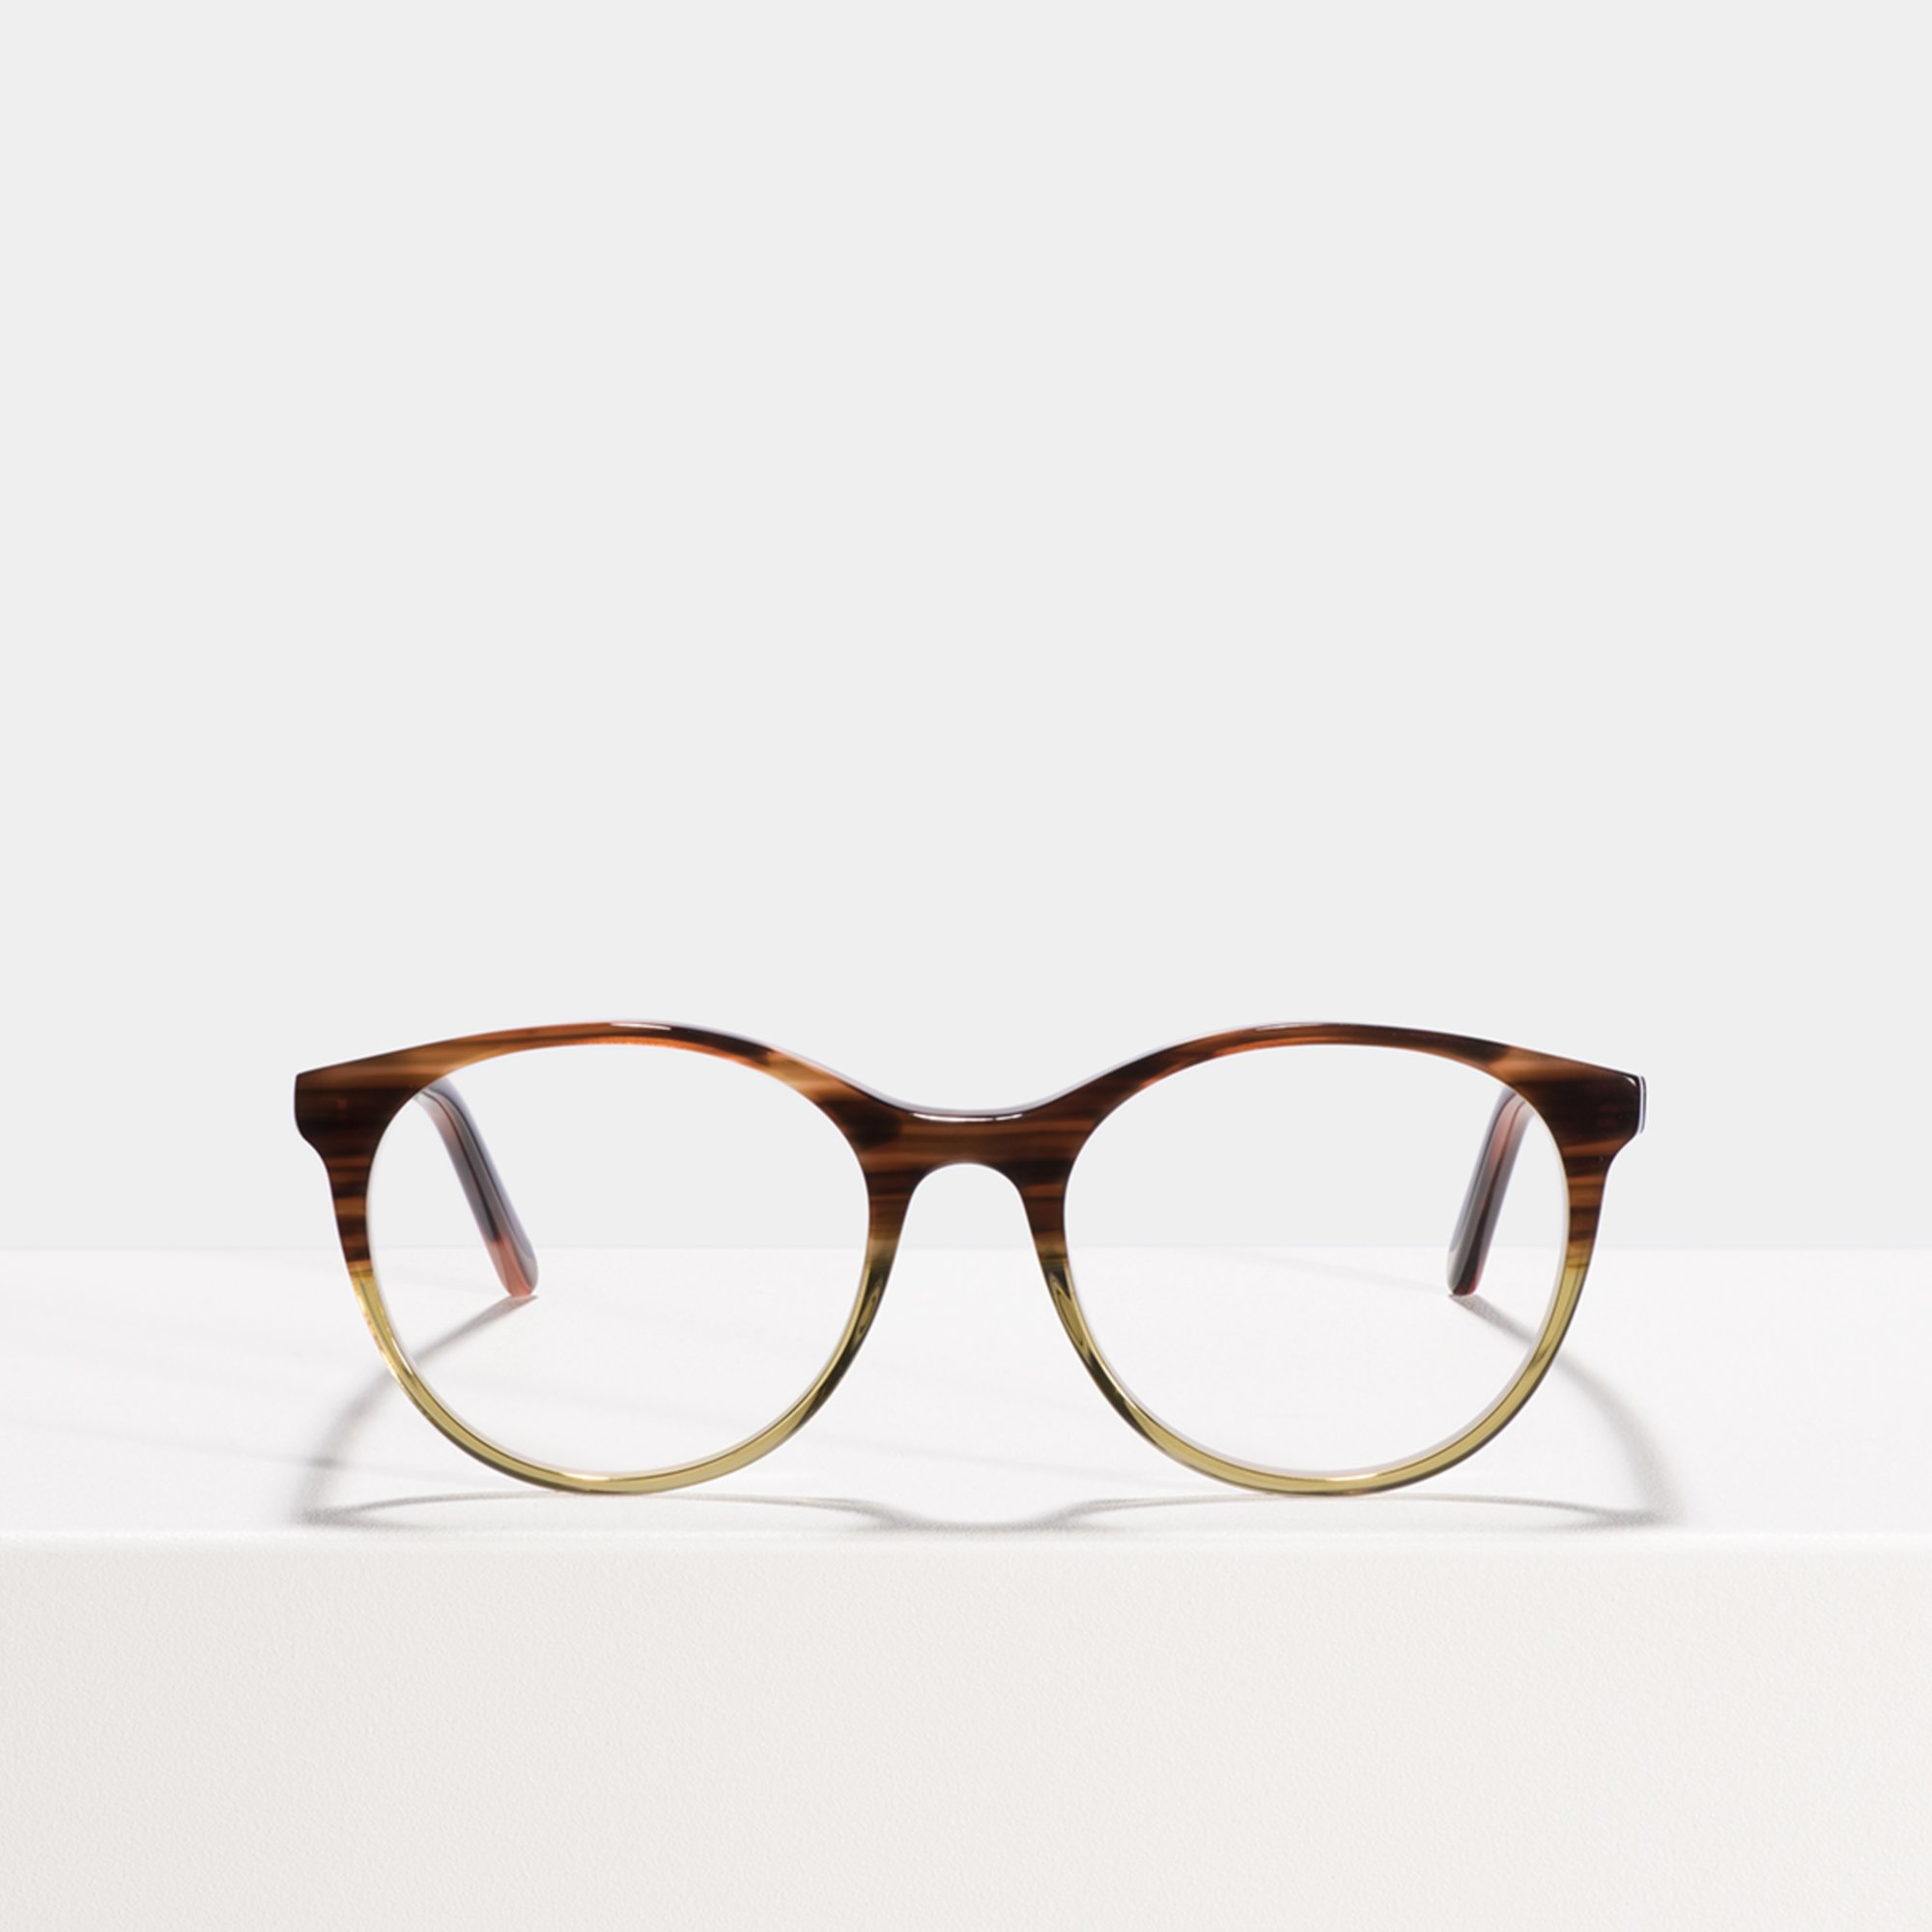 Ace & Tate Glasses | rund Acetat in Braun, Grün